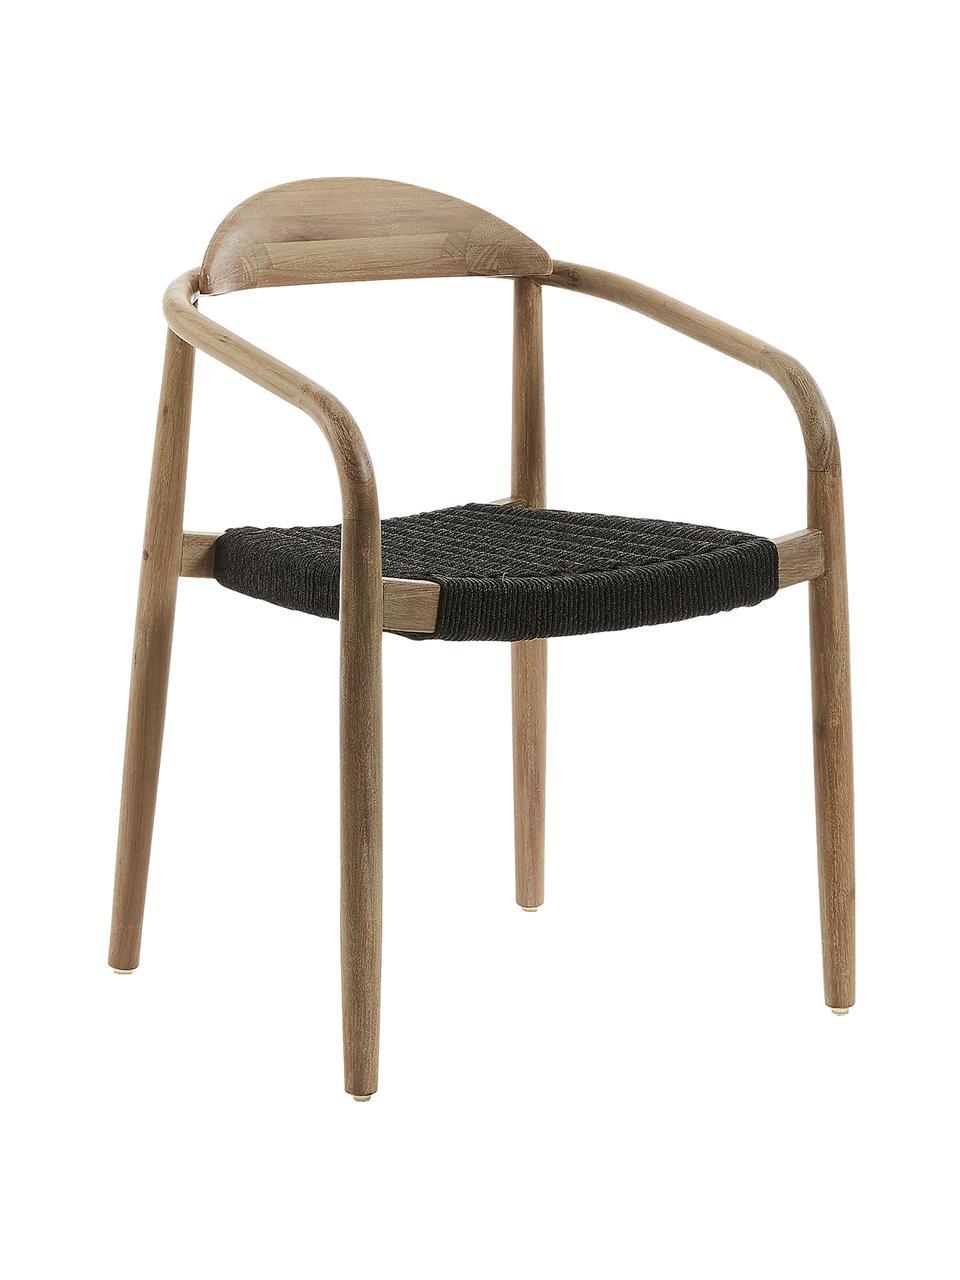 Chaise design bois massif Nina, Brun, gris foncé